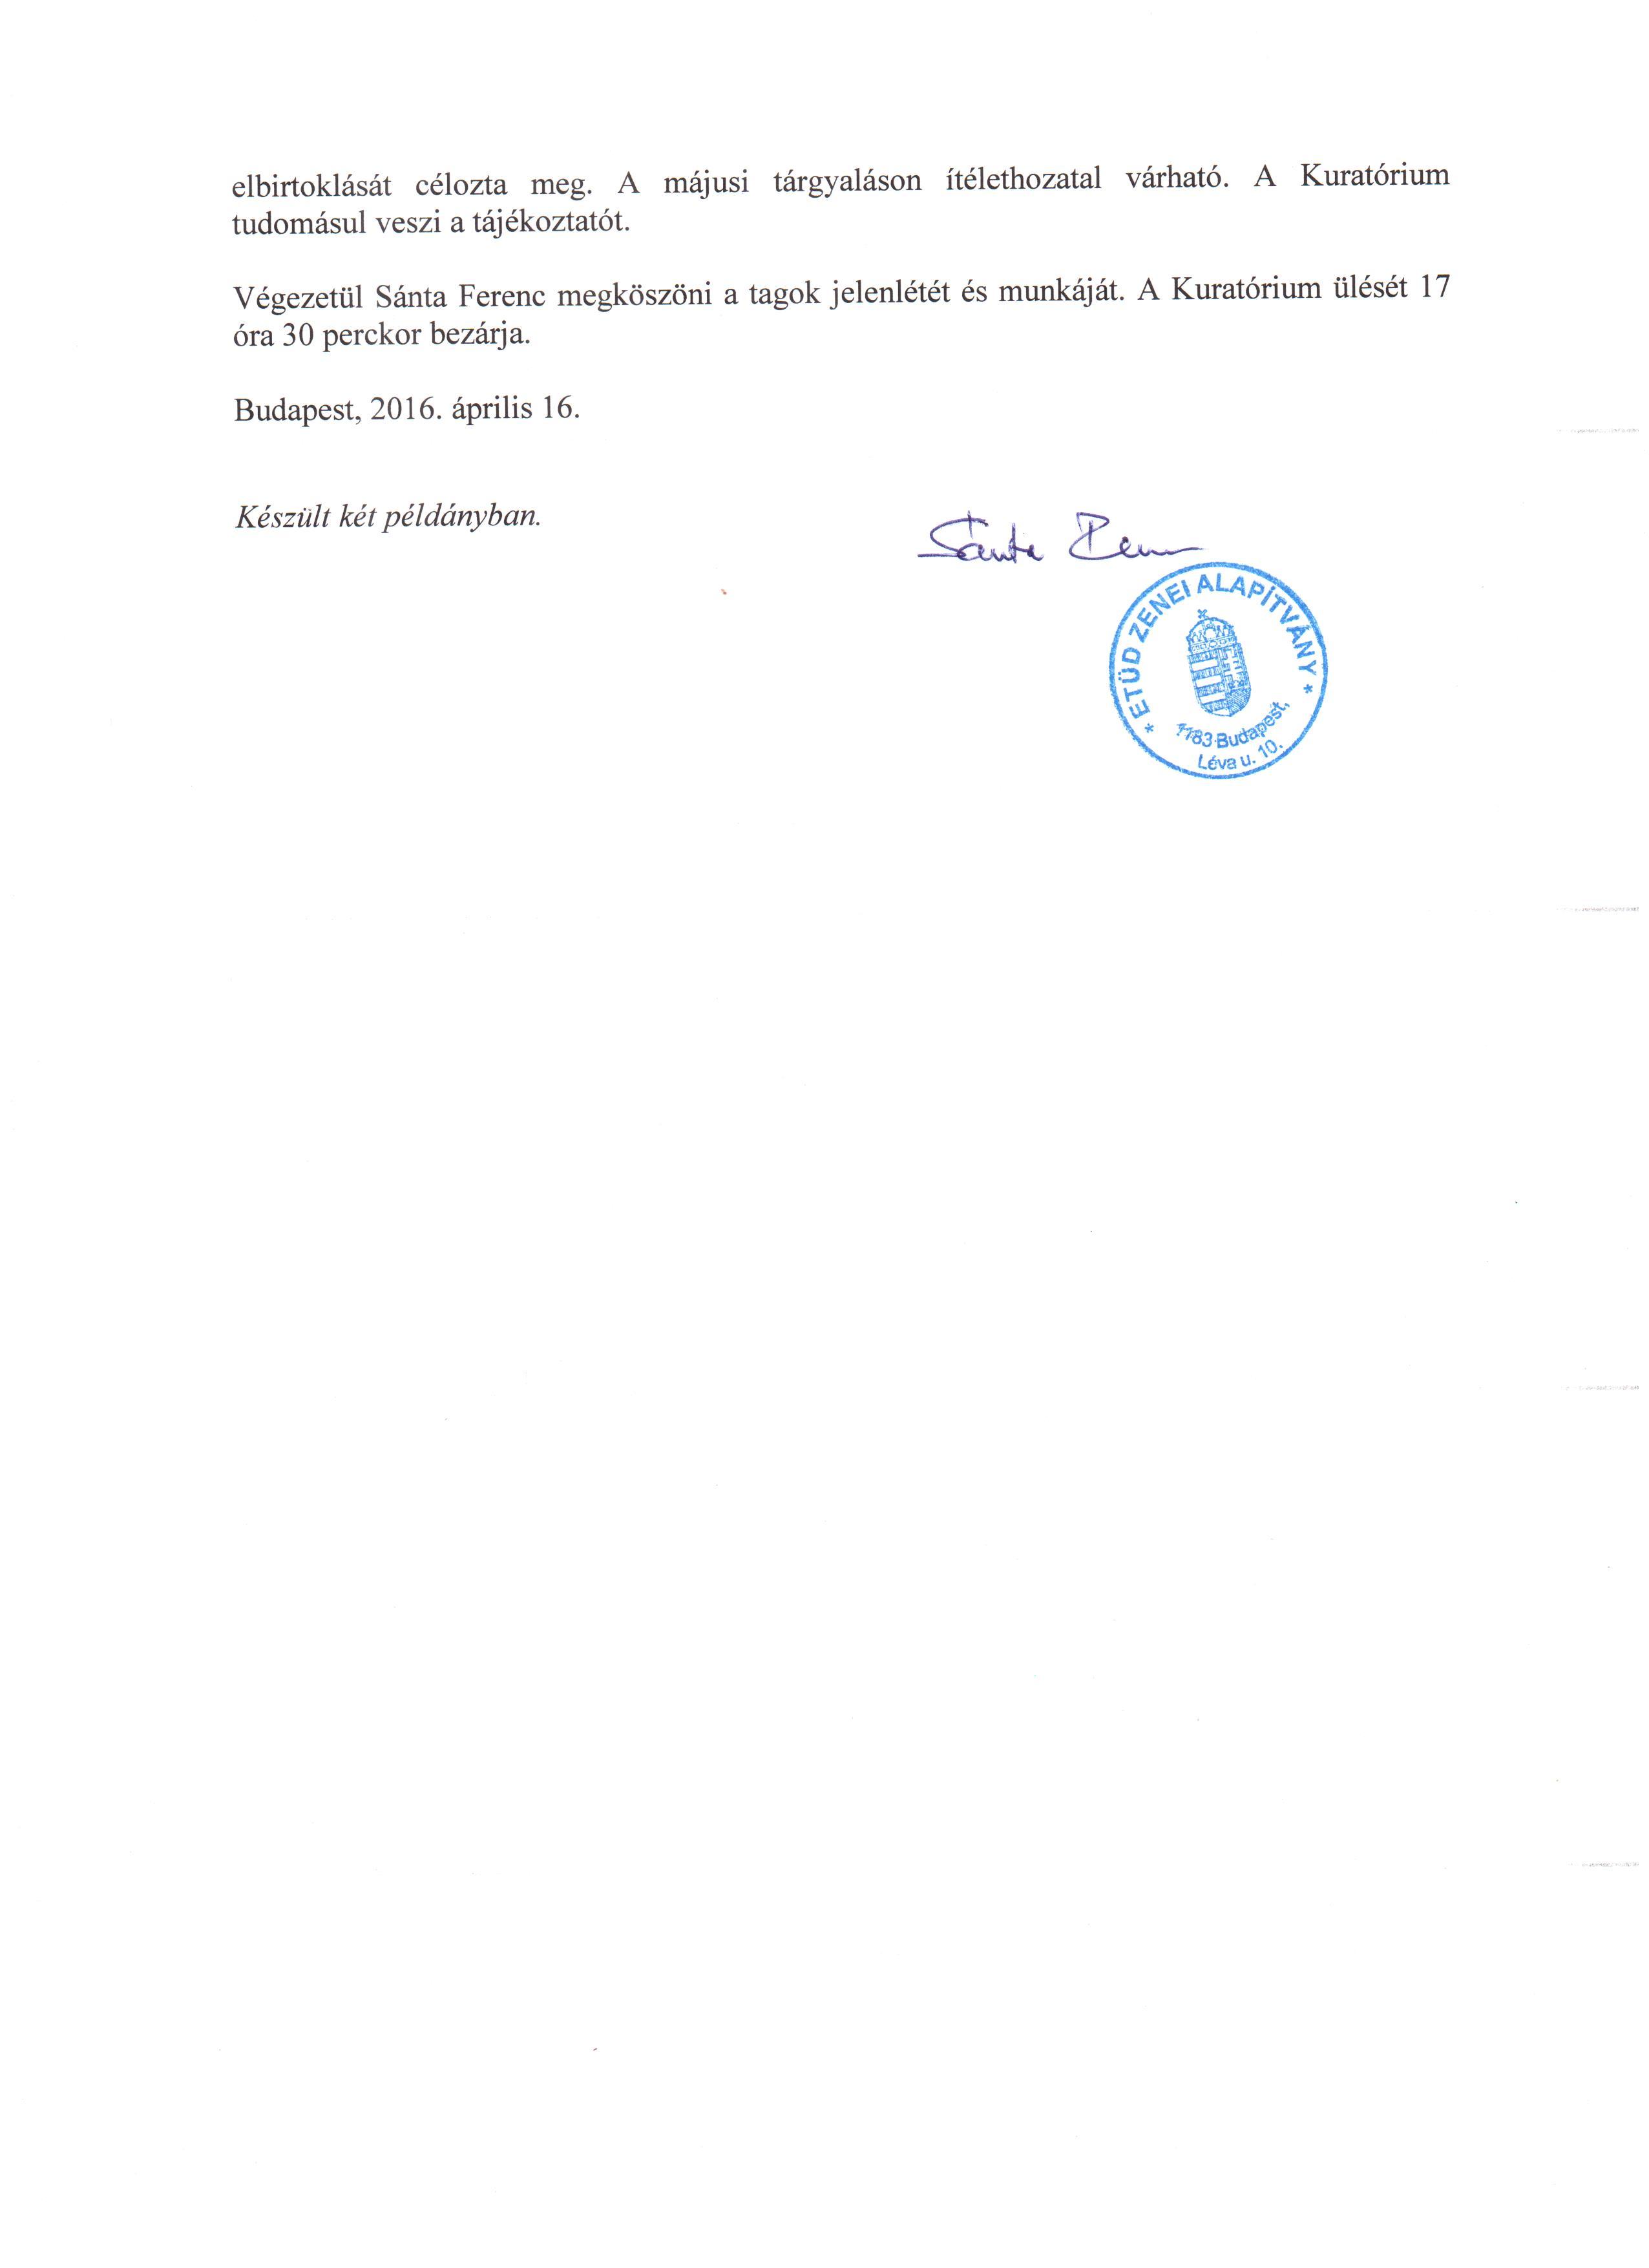 Jegyzőkonyv-kivonat a Kuratórium 2016. április 16-i üléséről-2.o.